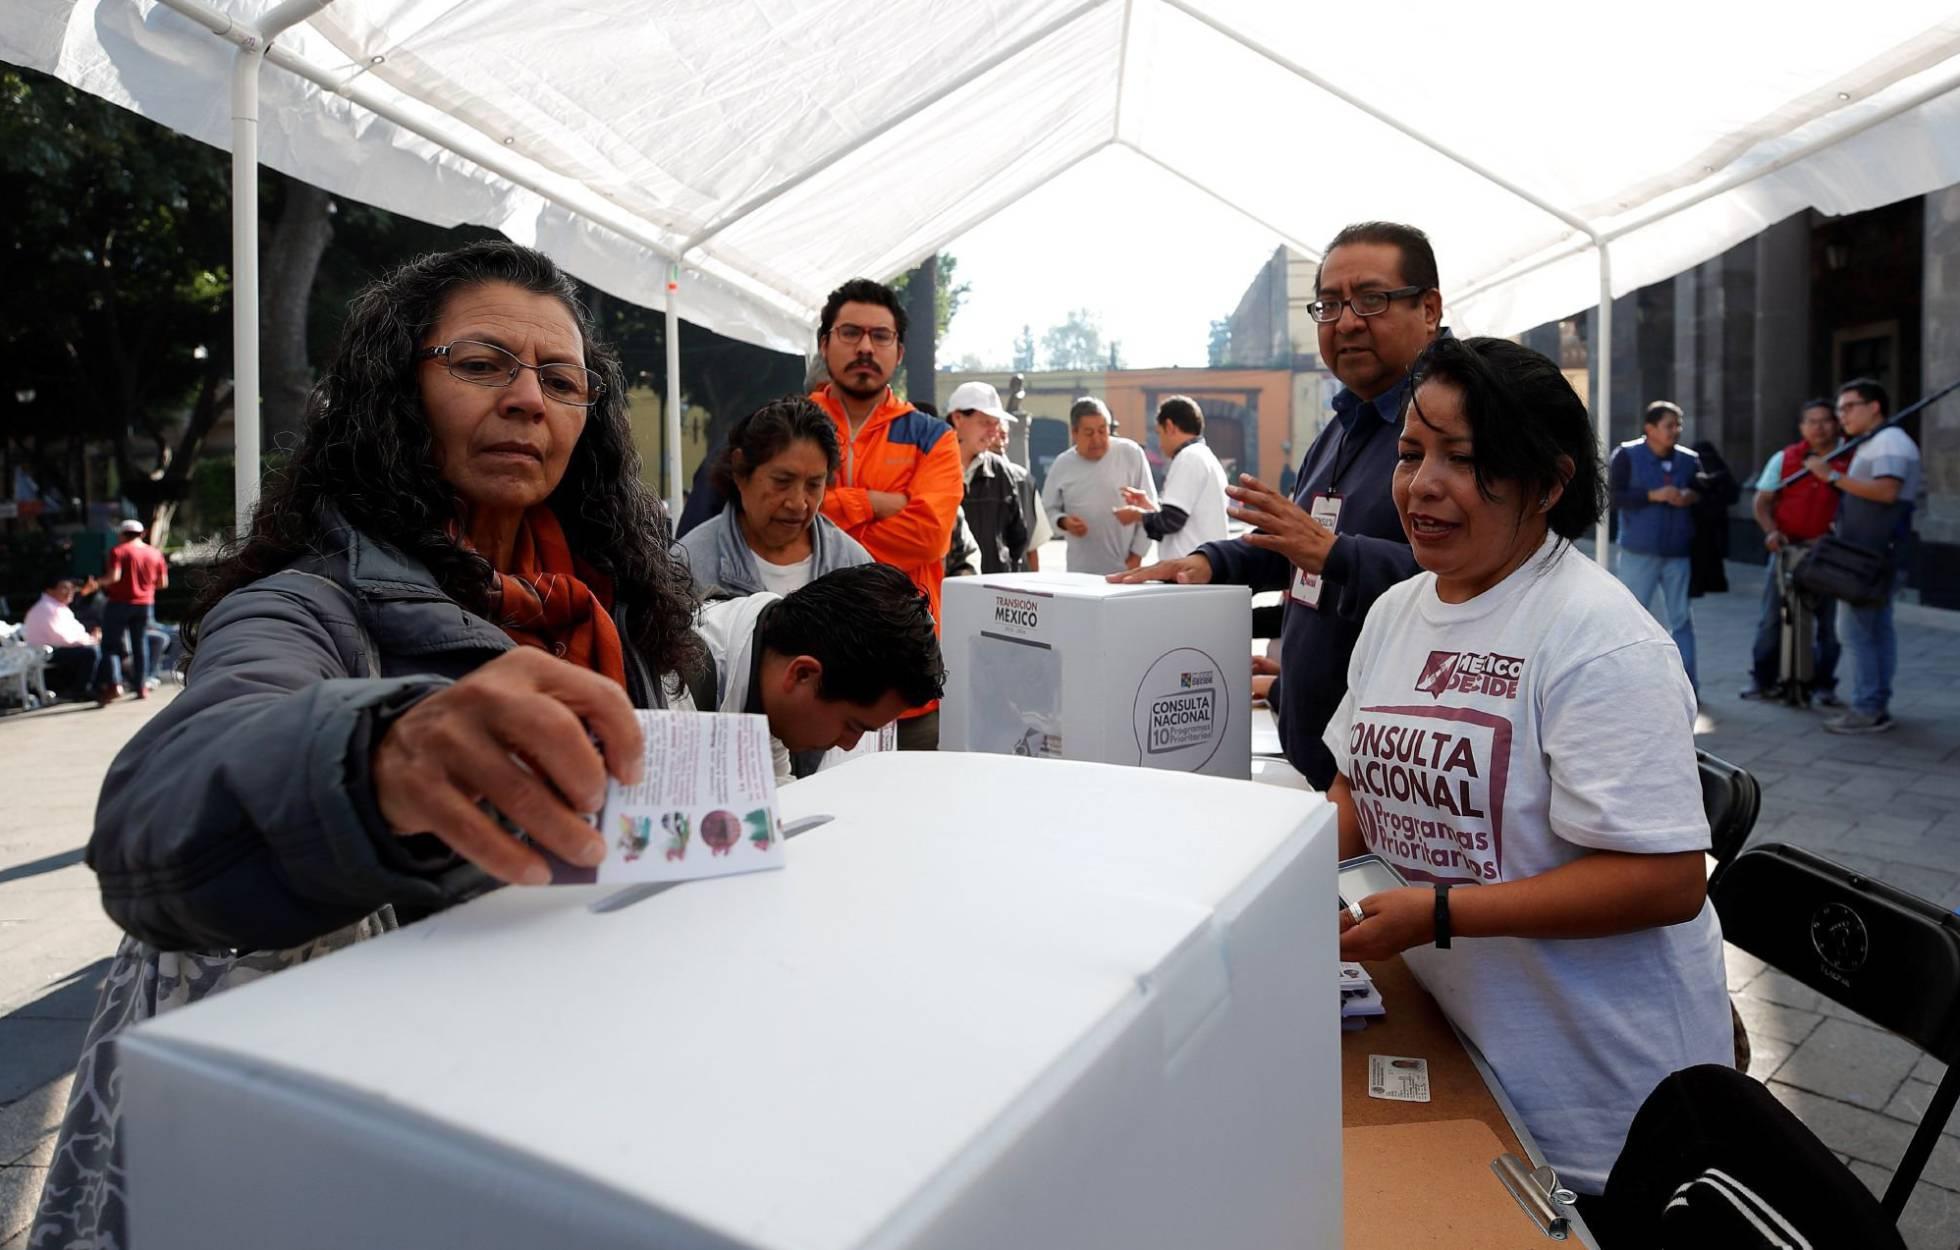 López Obrador gana otra consulta pública con el 90% de los votos a favor